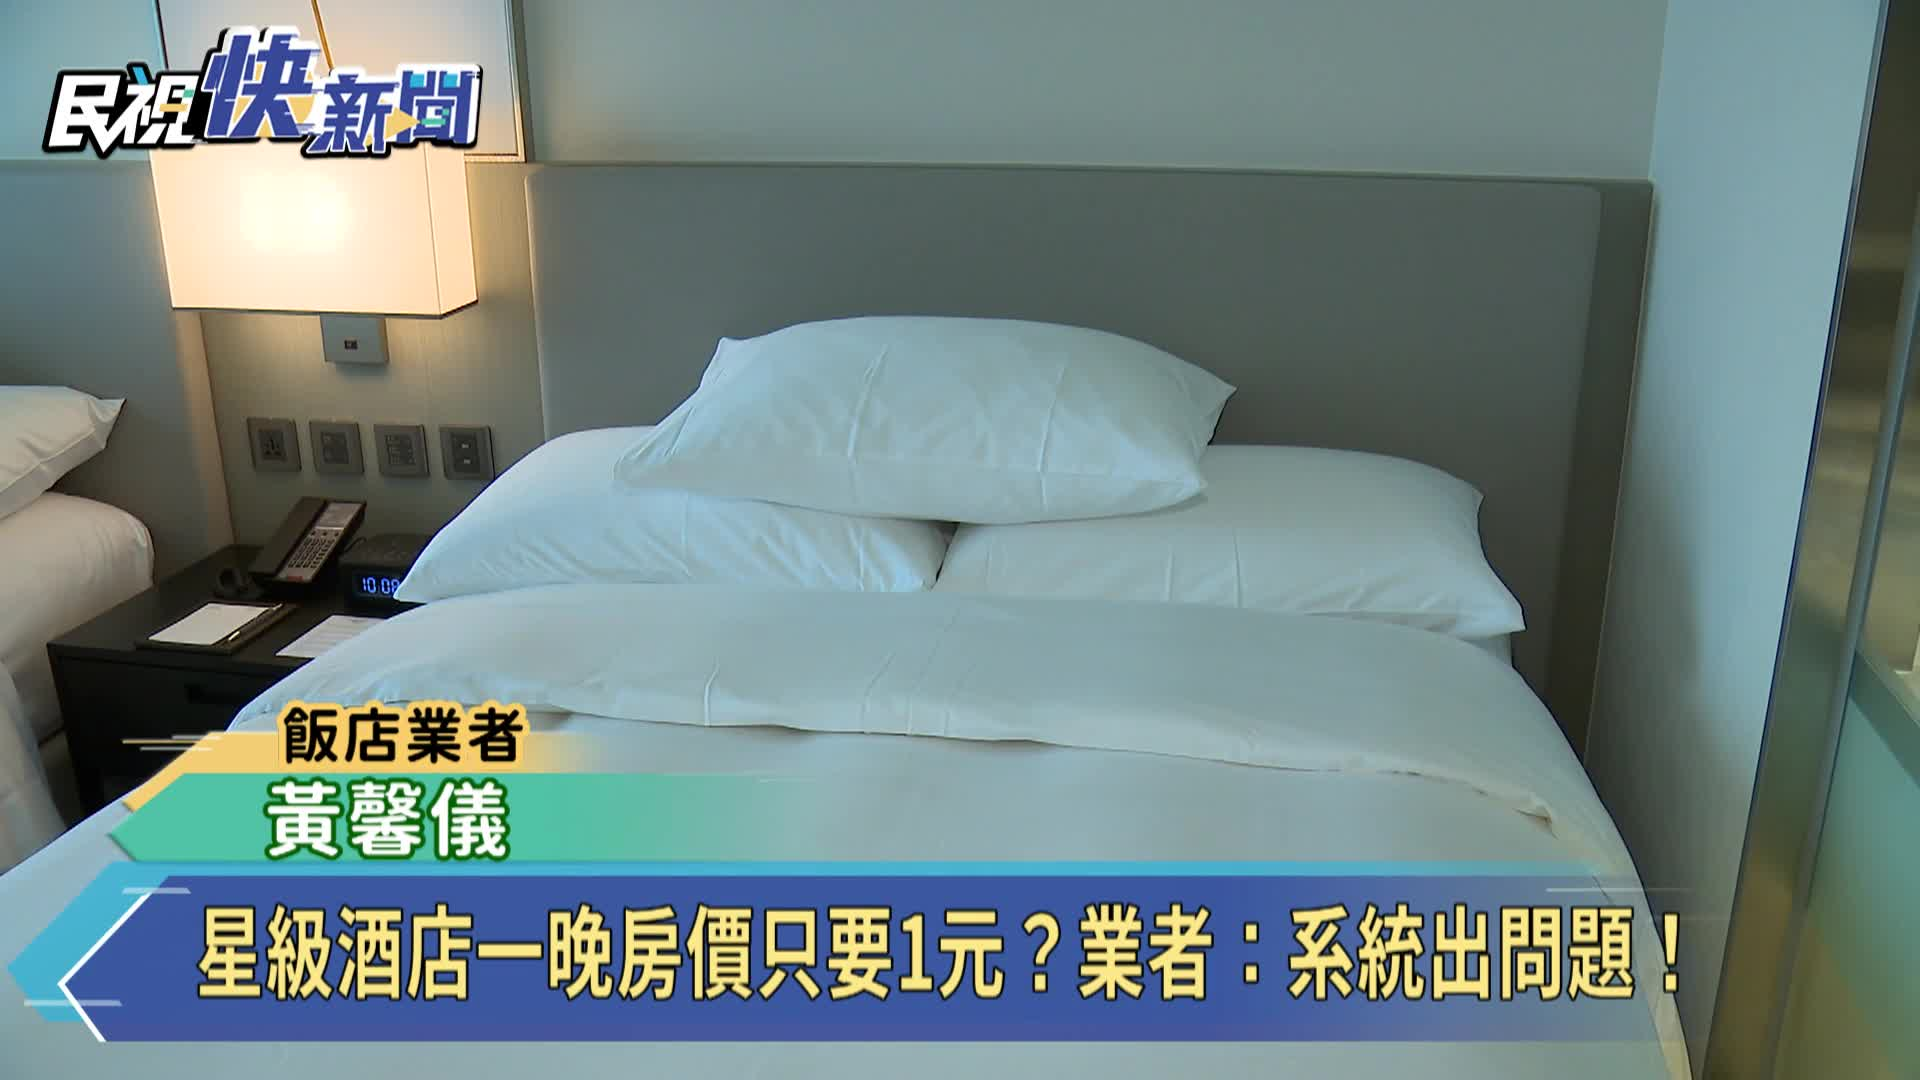 星級酒店一晚房價只要1元?民眾瘋狂訂120晚 業者:系統出問題!